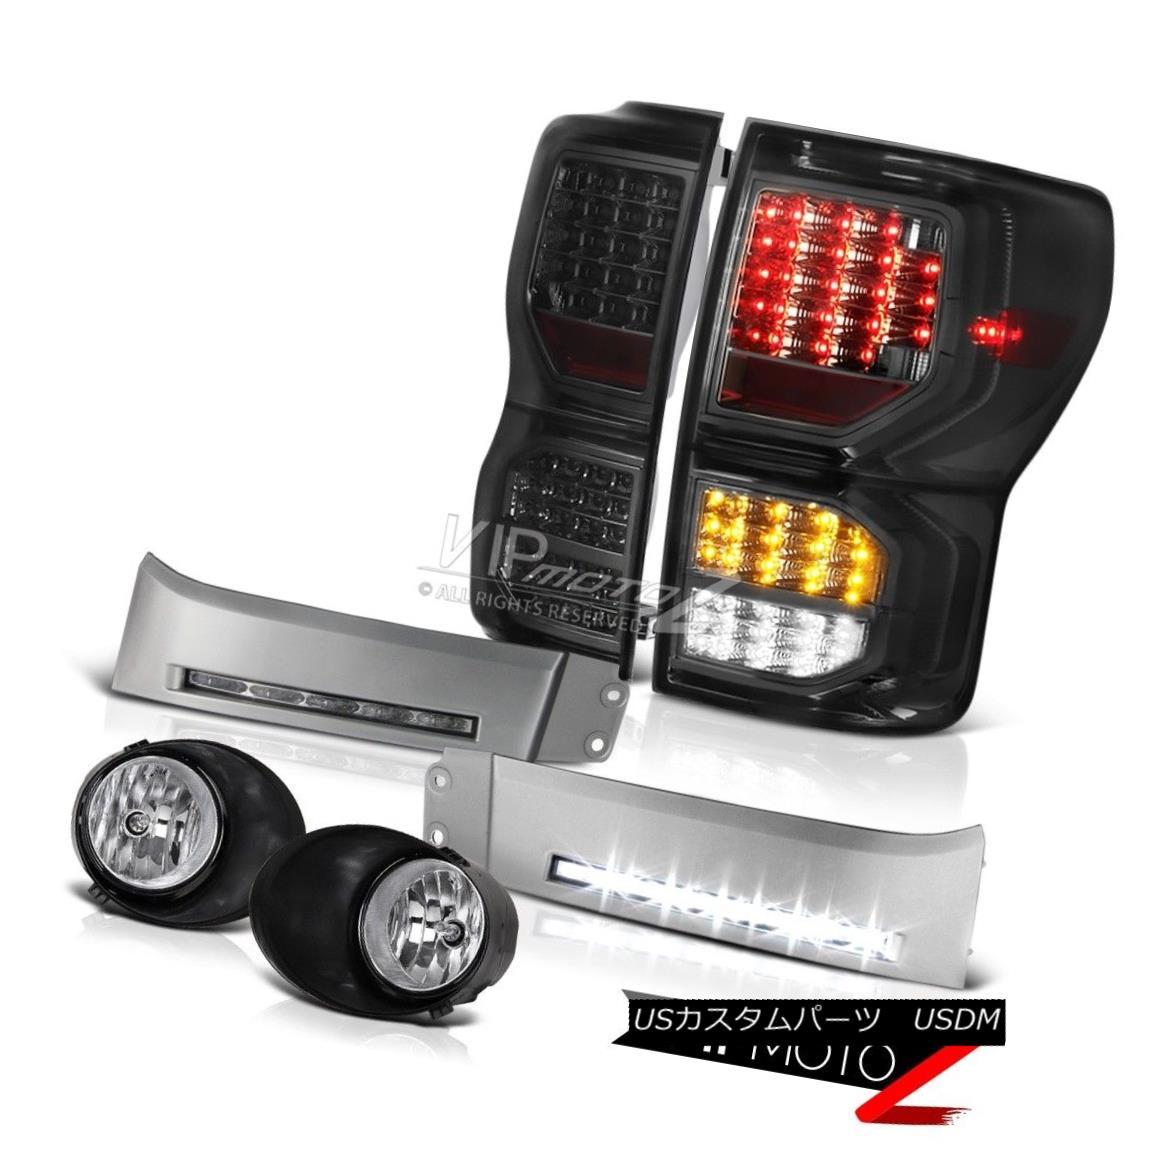 テールライト 2007-2013 Toyota Tundra SR5 Taillamps Silver DRL Strip Euro Clear Fog Lamps LED 2007年?2013年トヨタTundra SR5タイルランプシルバーDRLストリップユーロクリアフォグランプLED